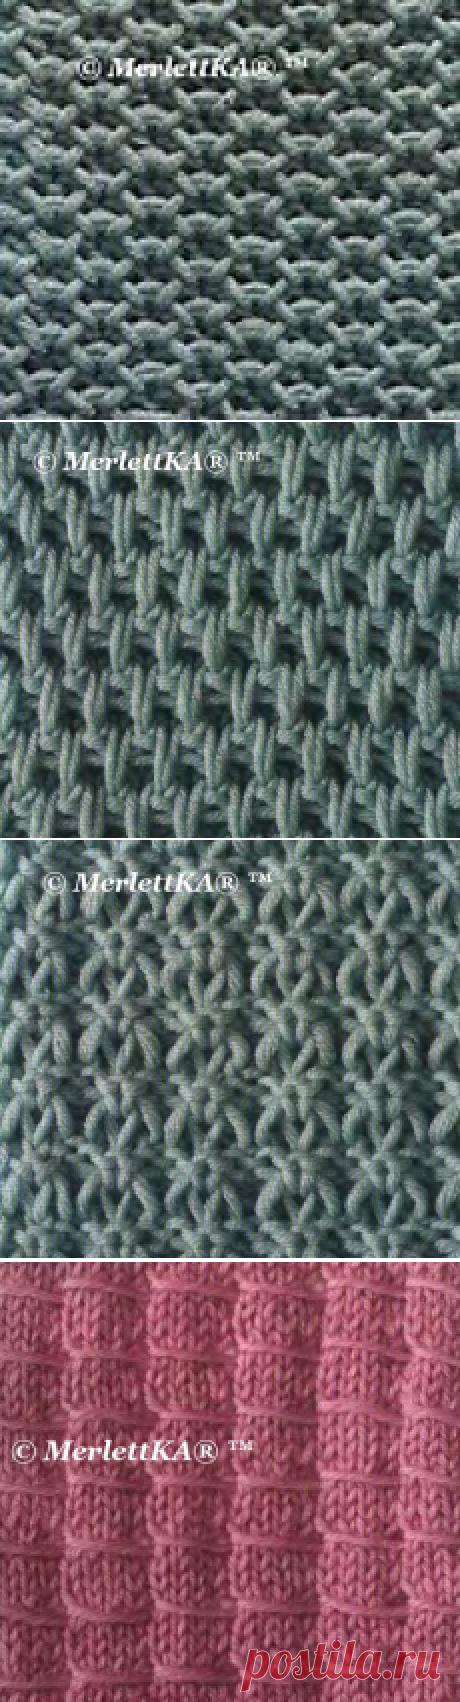 Вязание спицами ☆ Фанговые узоры